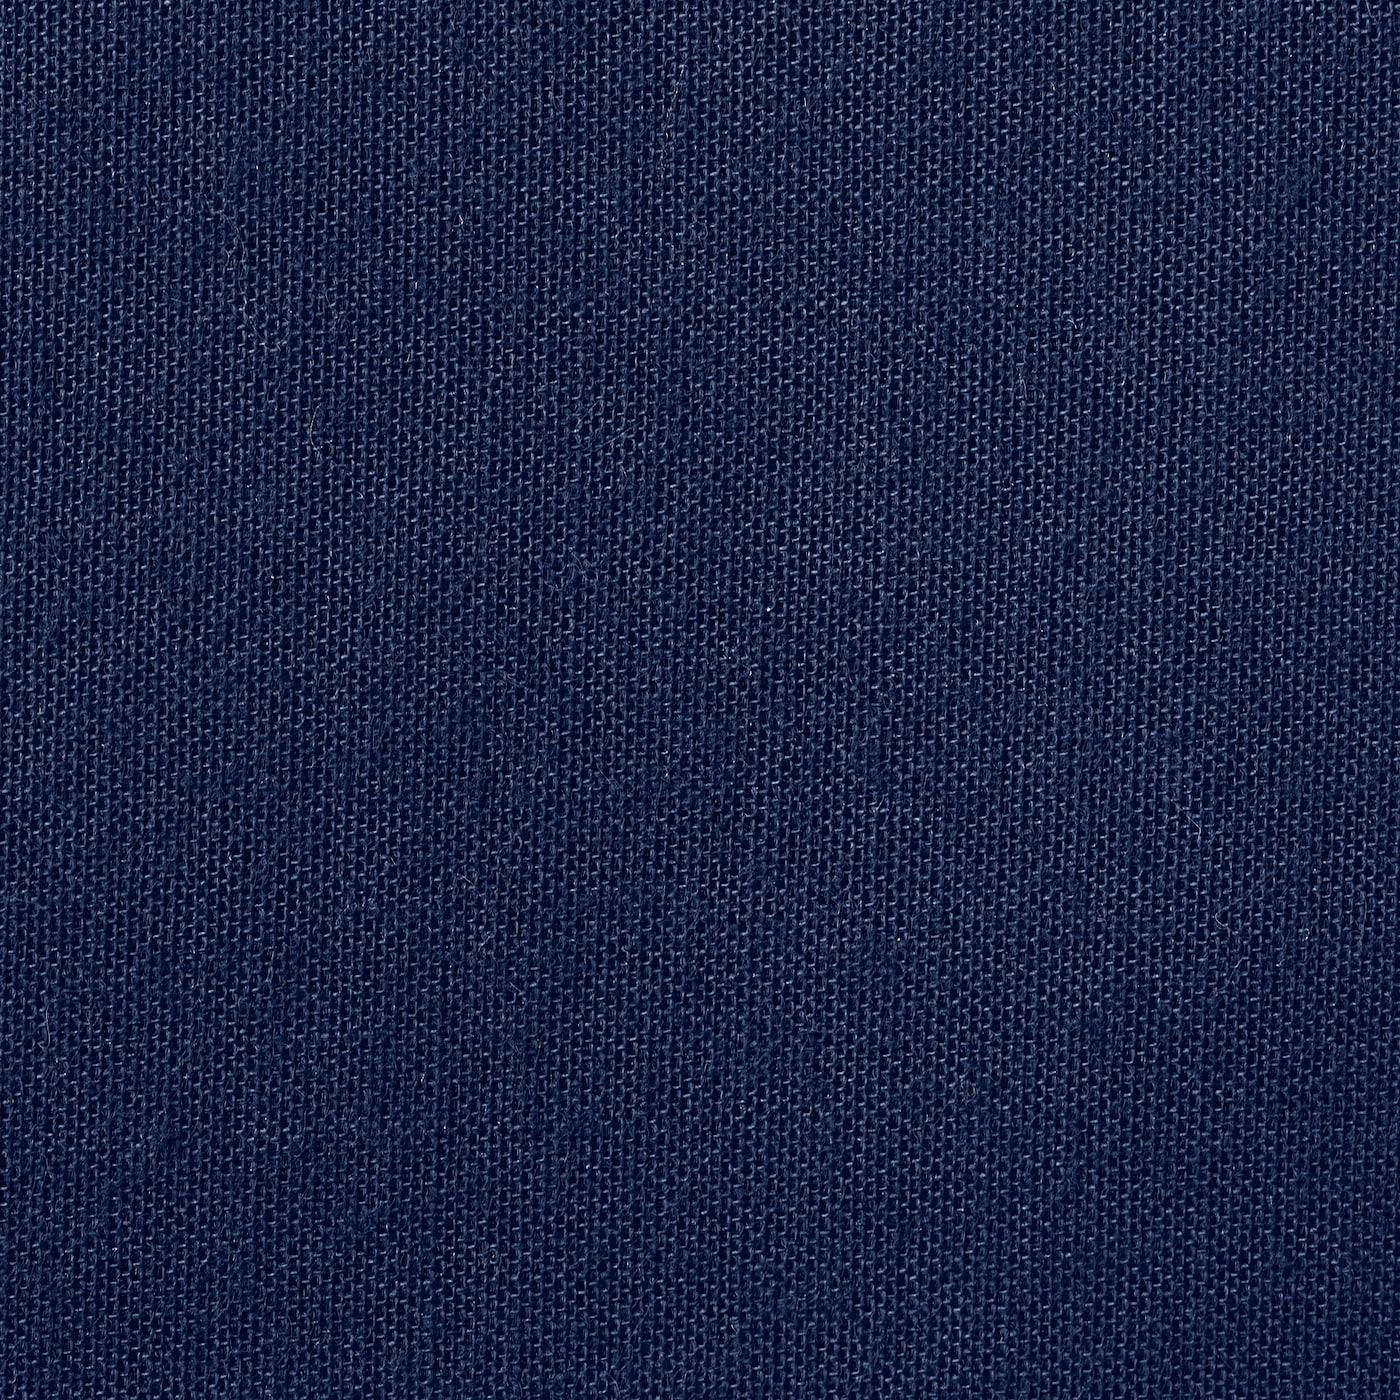 FRIDANS Lystett rullegardin, blå, 200x195 cm